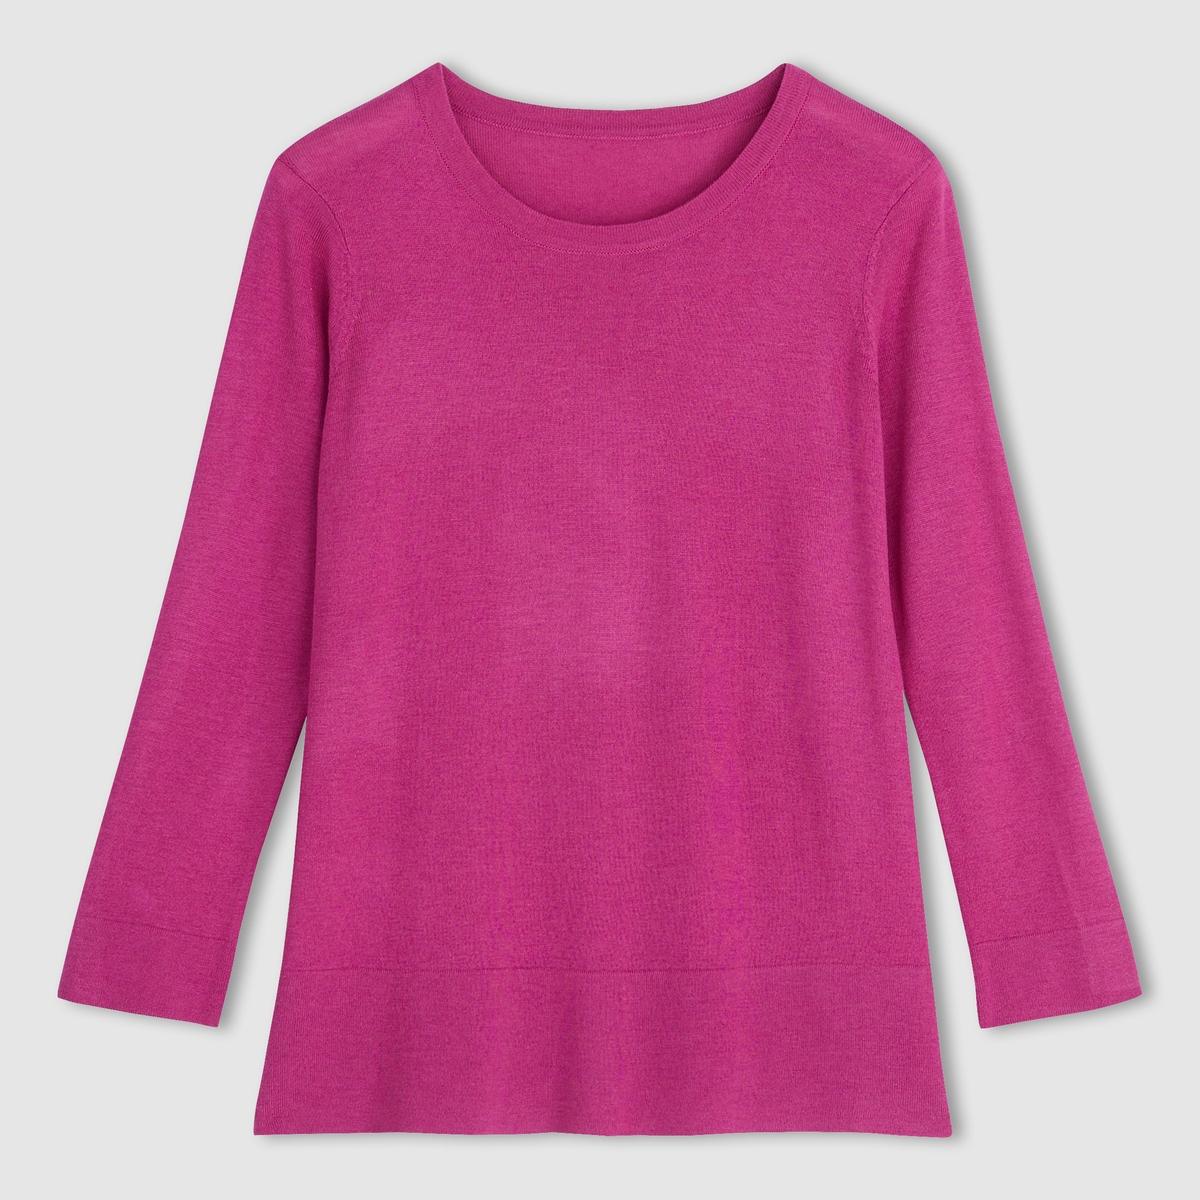 Пуловер 50% вискозы. Длинные рукаваПуловер. 50% акрила, 50% вискозы . Длинные рукава . Закругленный вырез . Контрастный отворот низа и манжет  . Длина  62  см .<br><br>Цвет: ярко-розовый